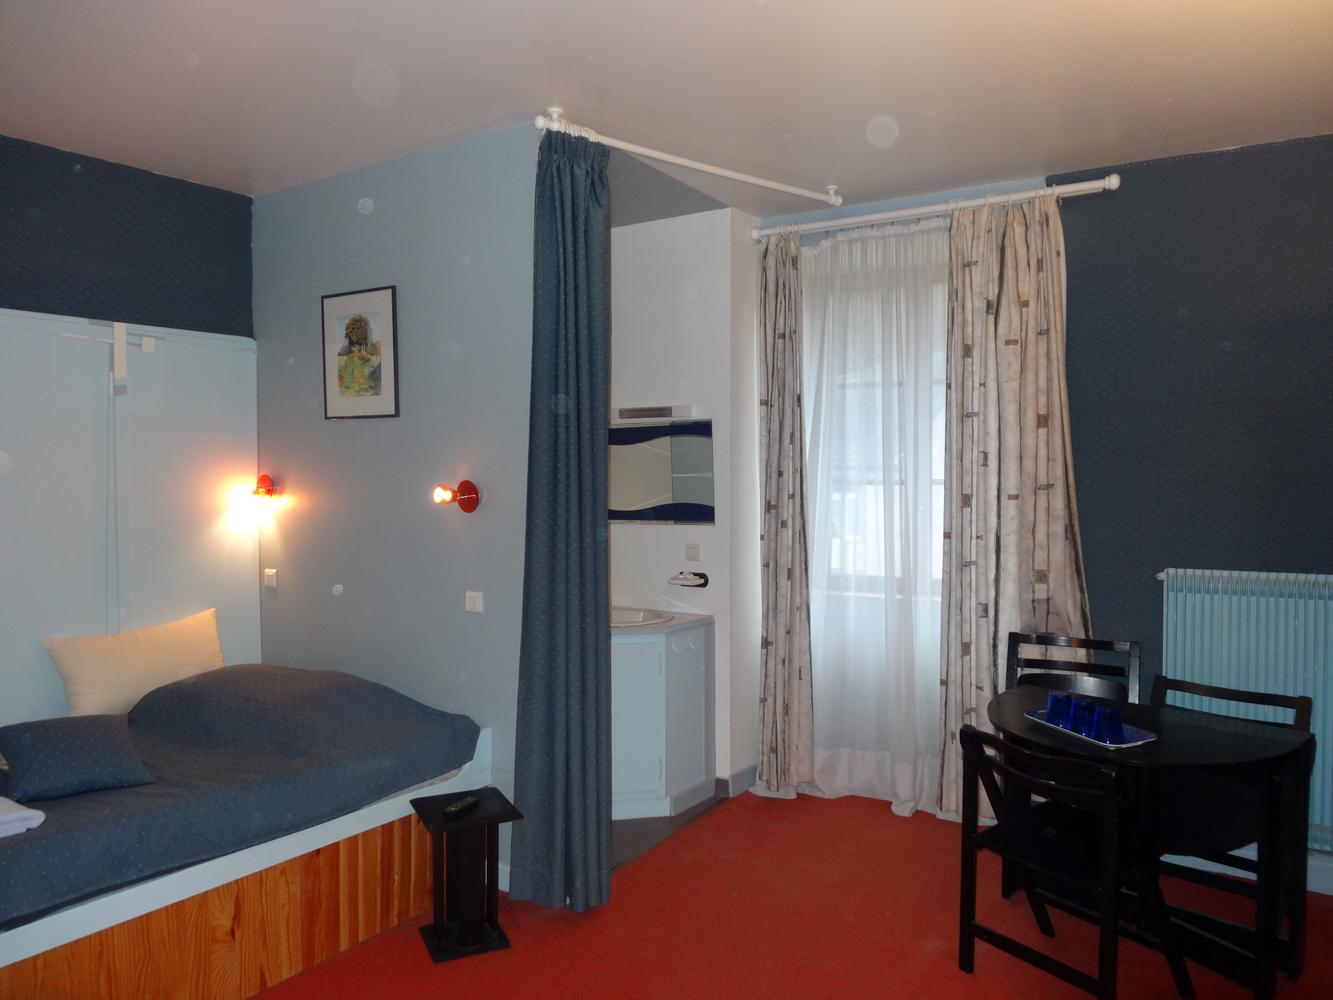 #792815 La Boissière Hôtel D'Hôtes Chambres 2357 petite chambre bleue 1333x1000 px @ aertt.com